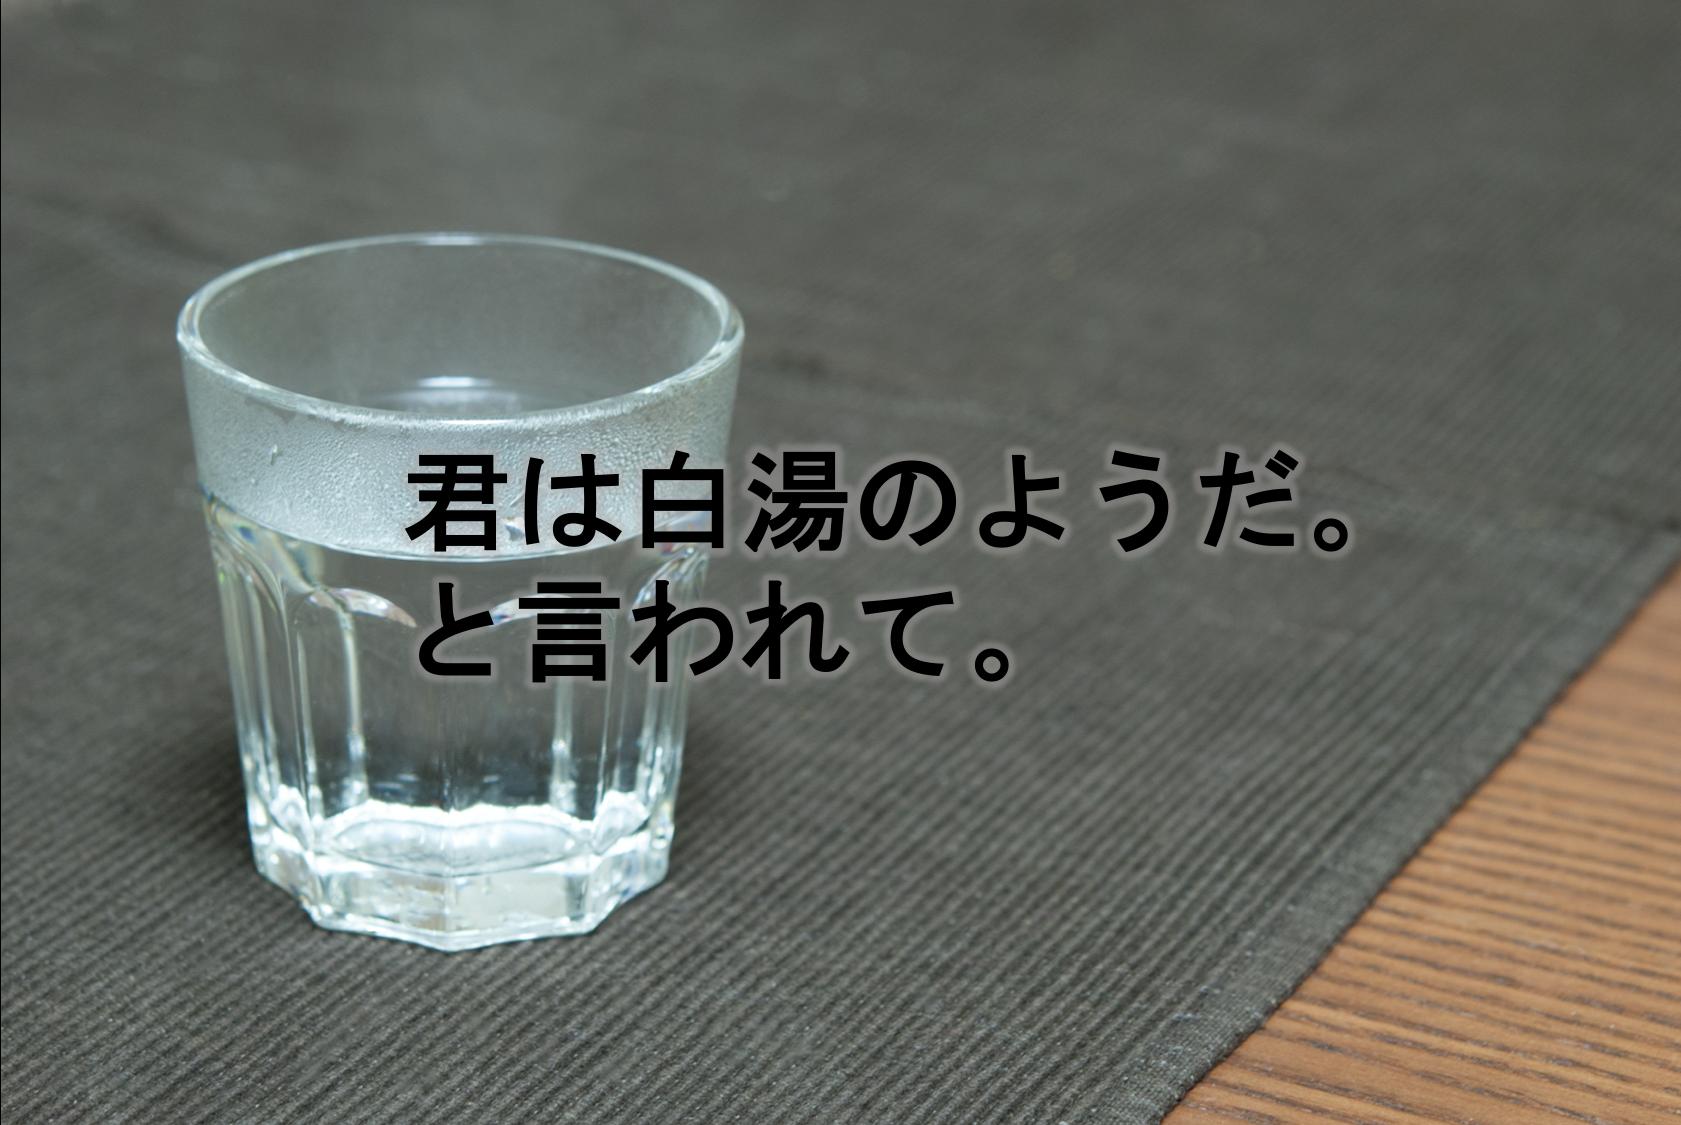 君は白湯のようだ。と言われて。